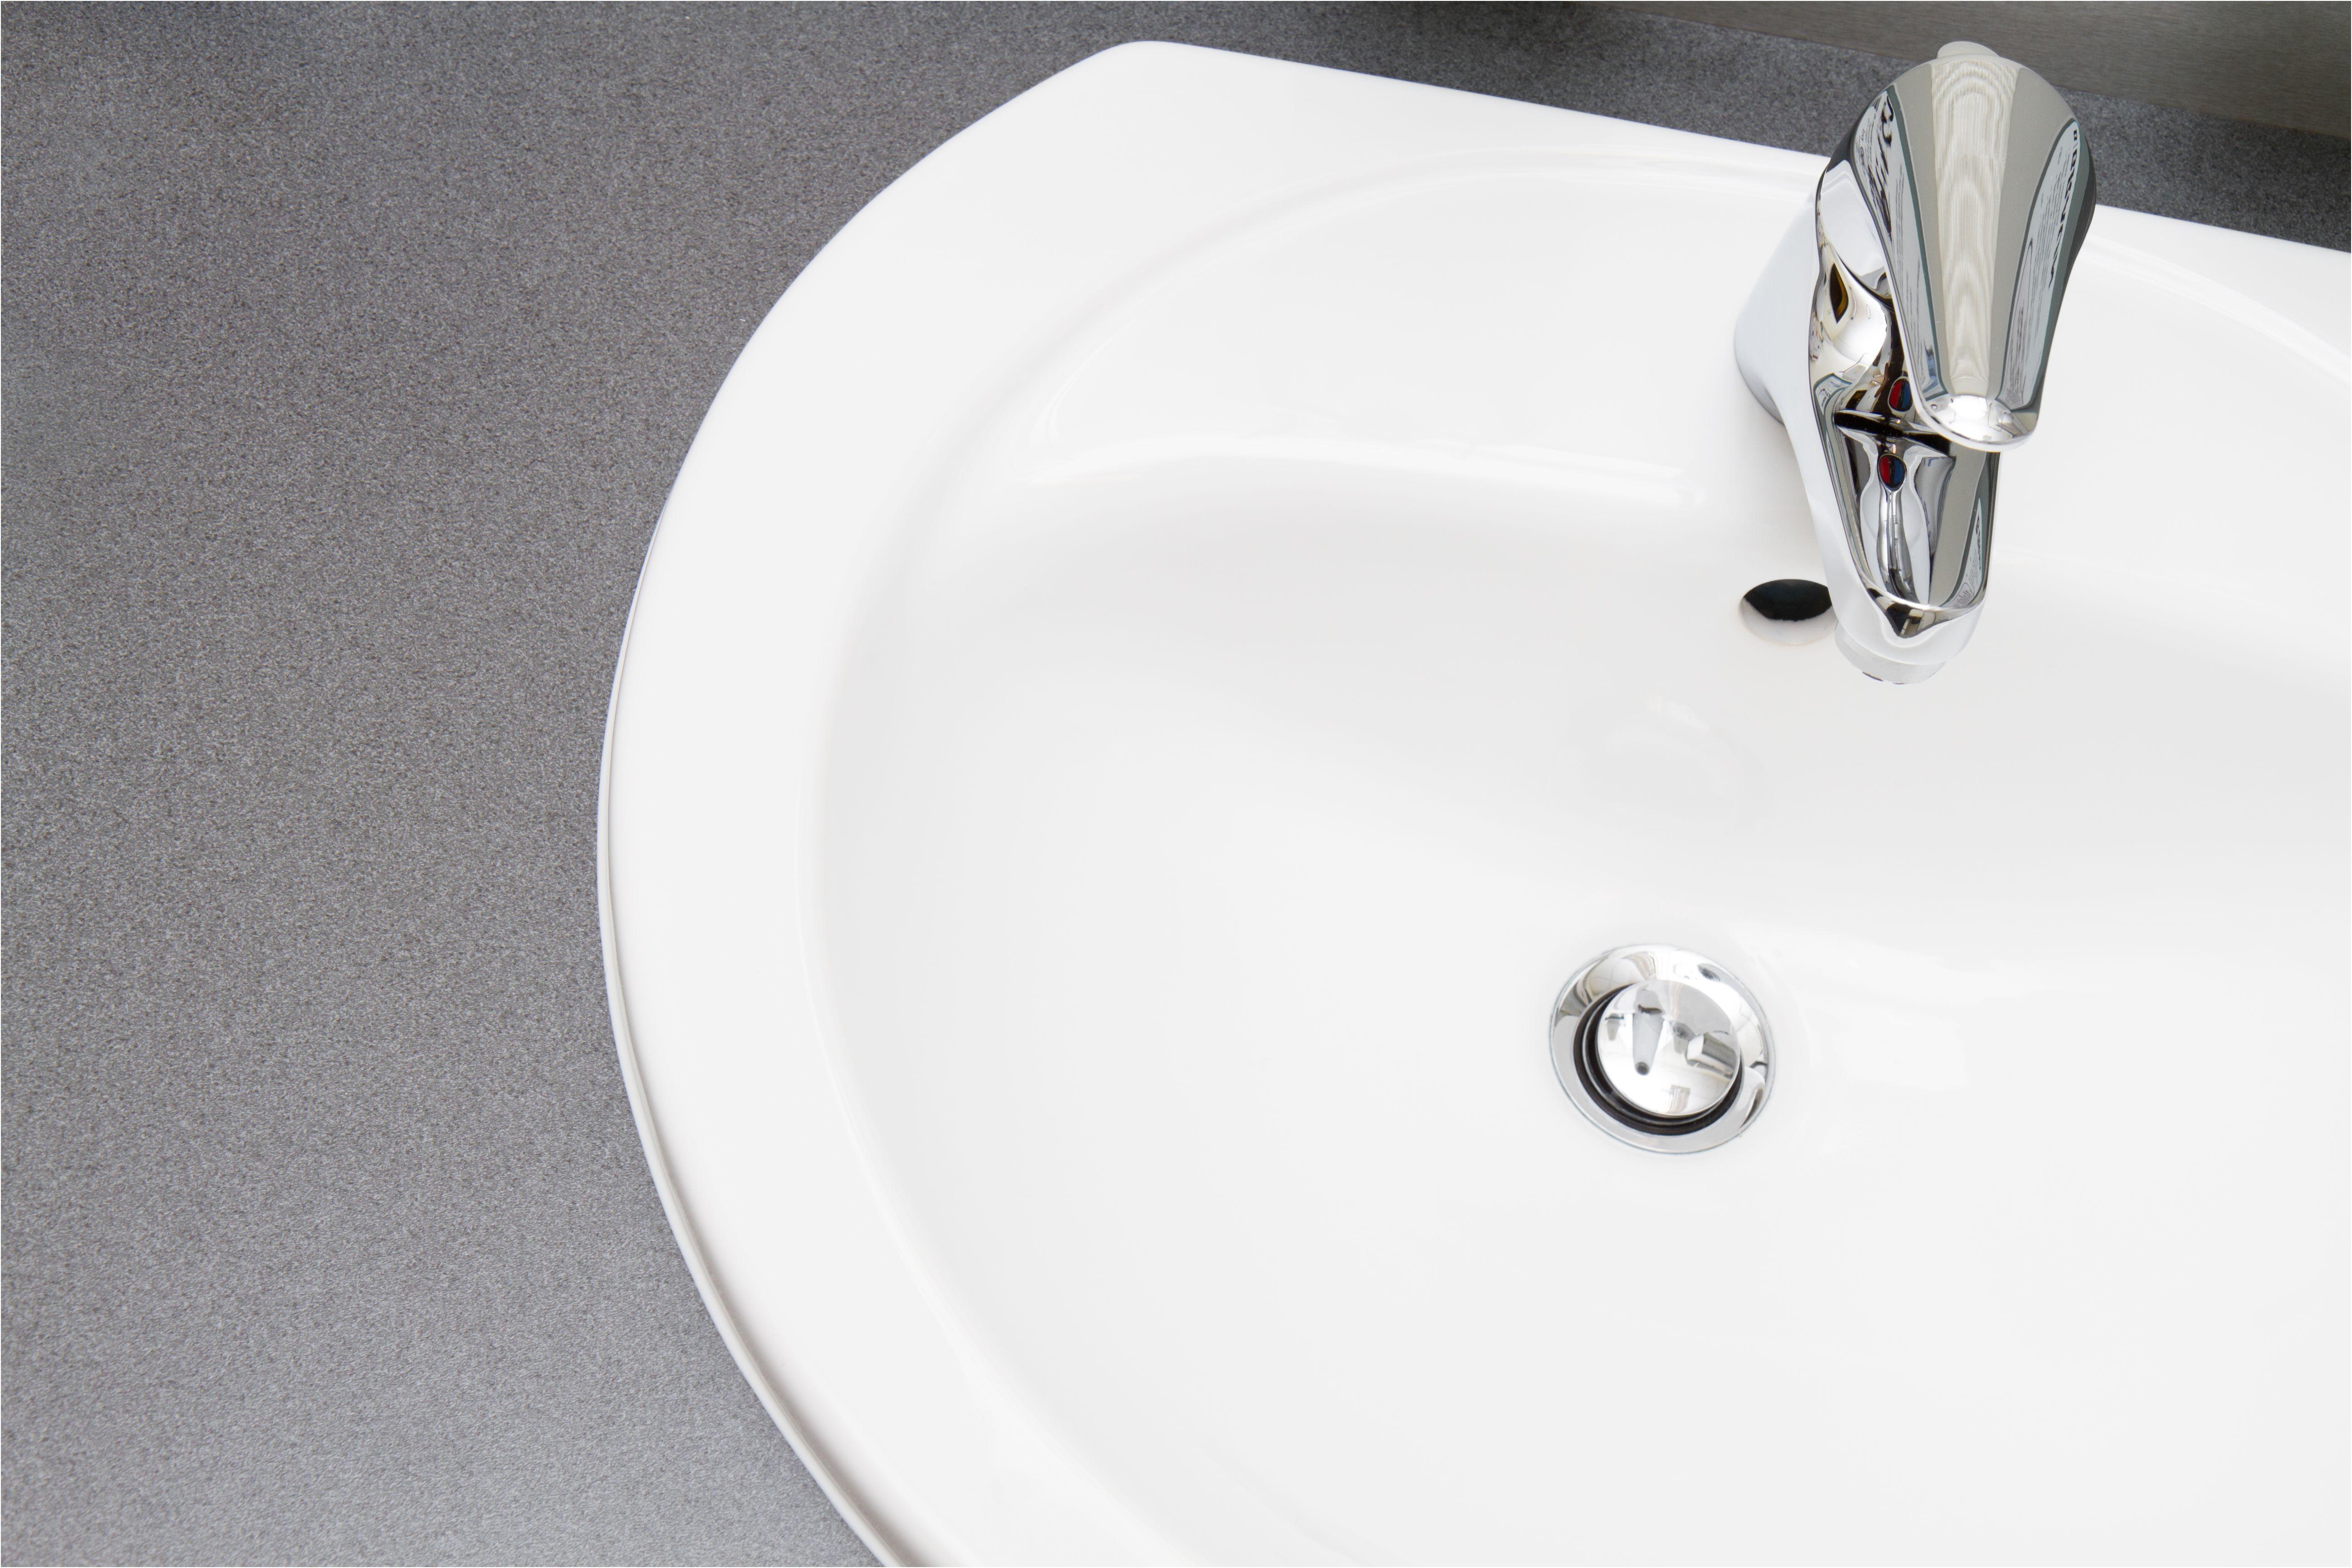 Lovely Bathroom Sink Stopper Repair Kit